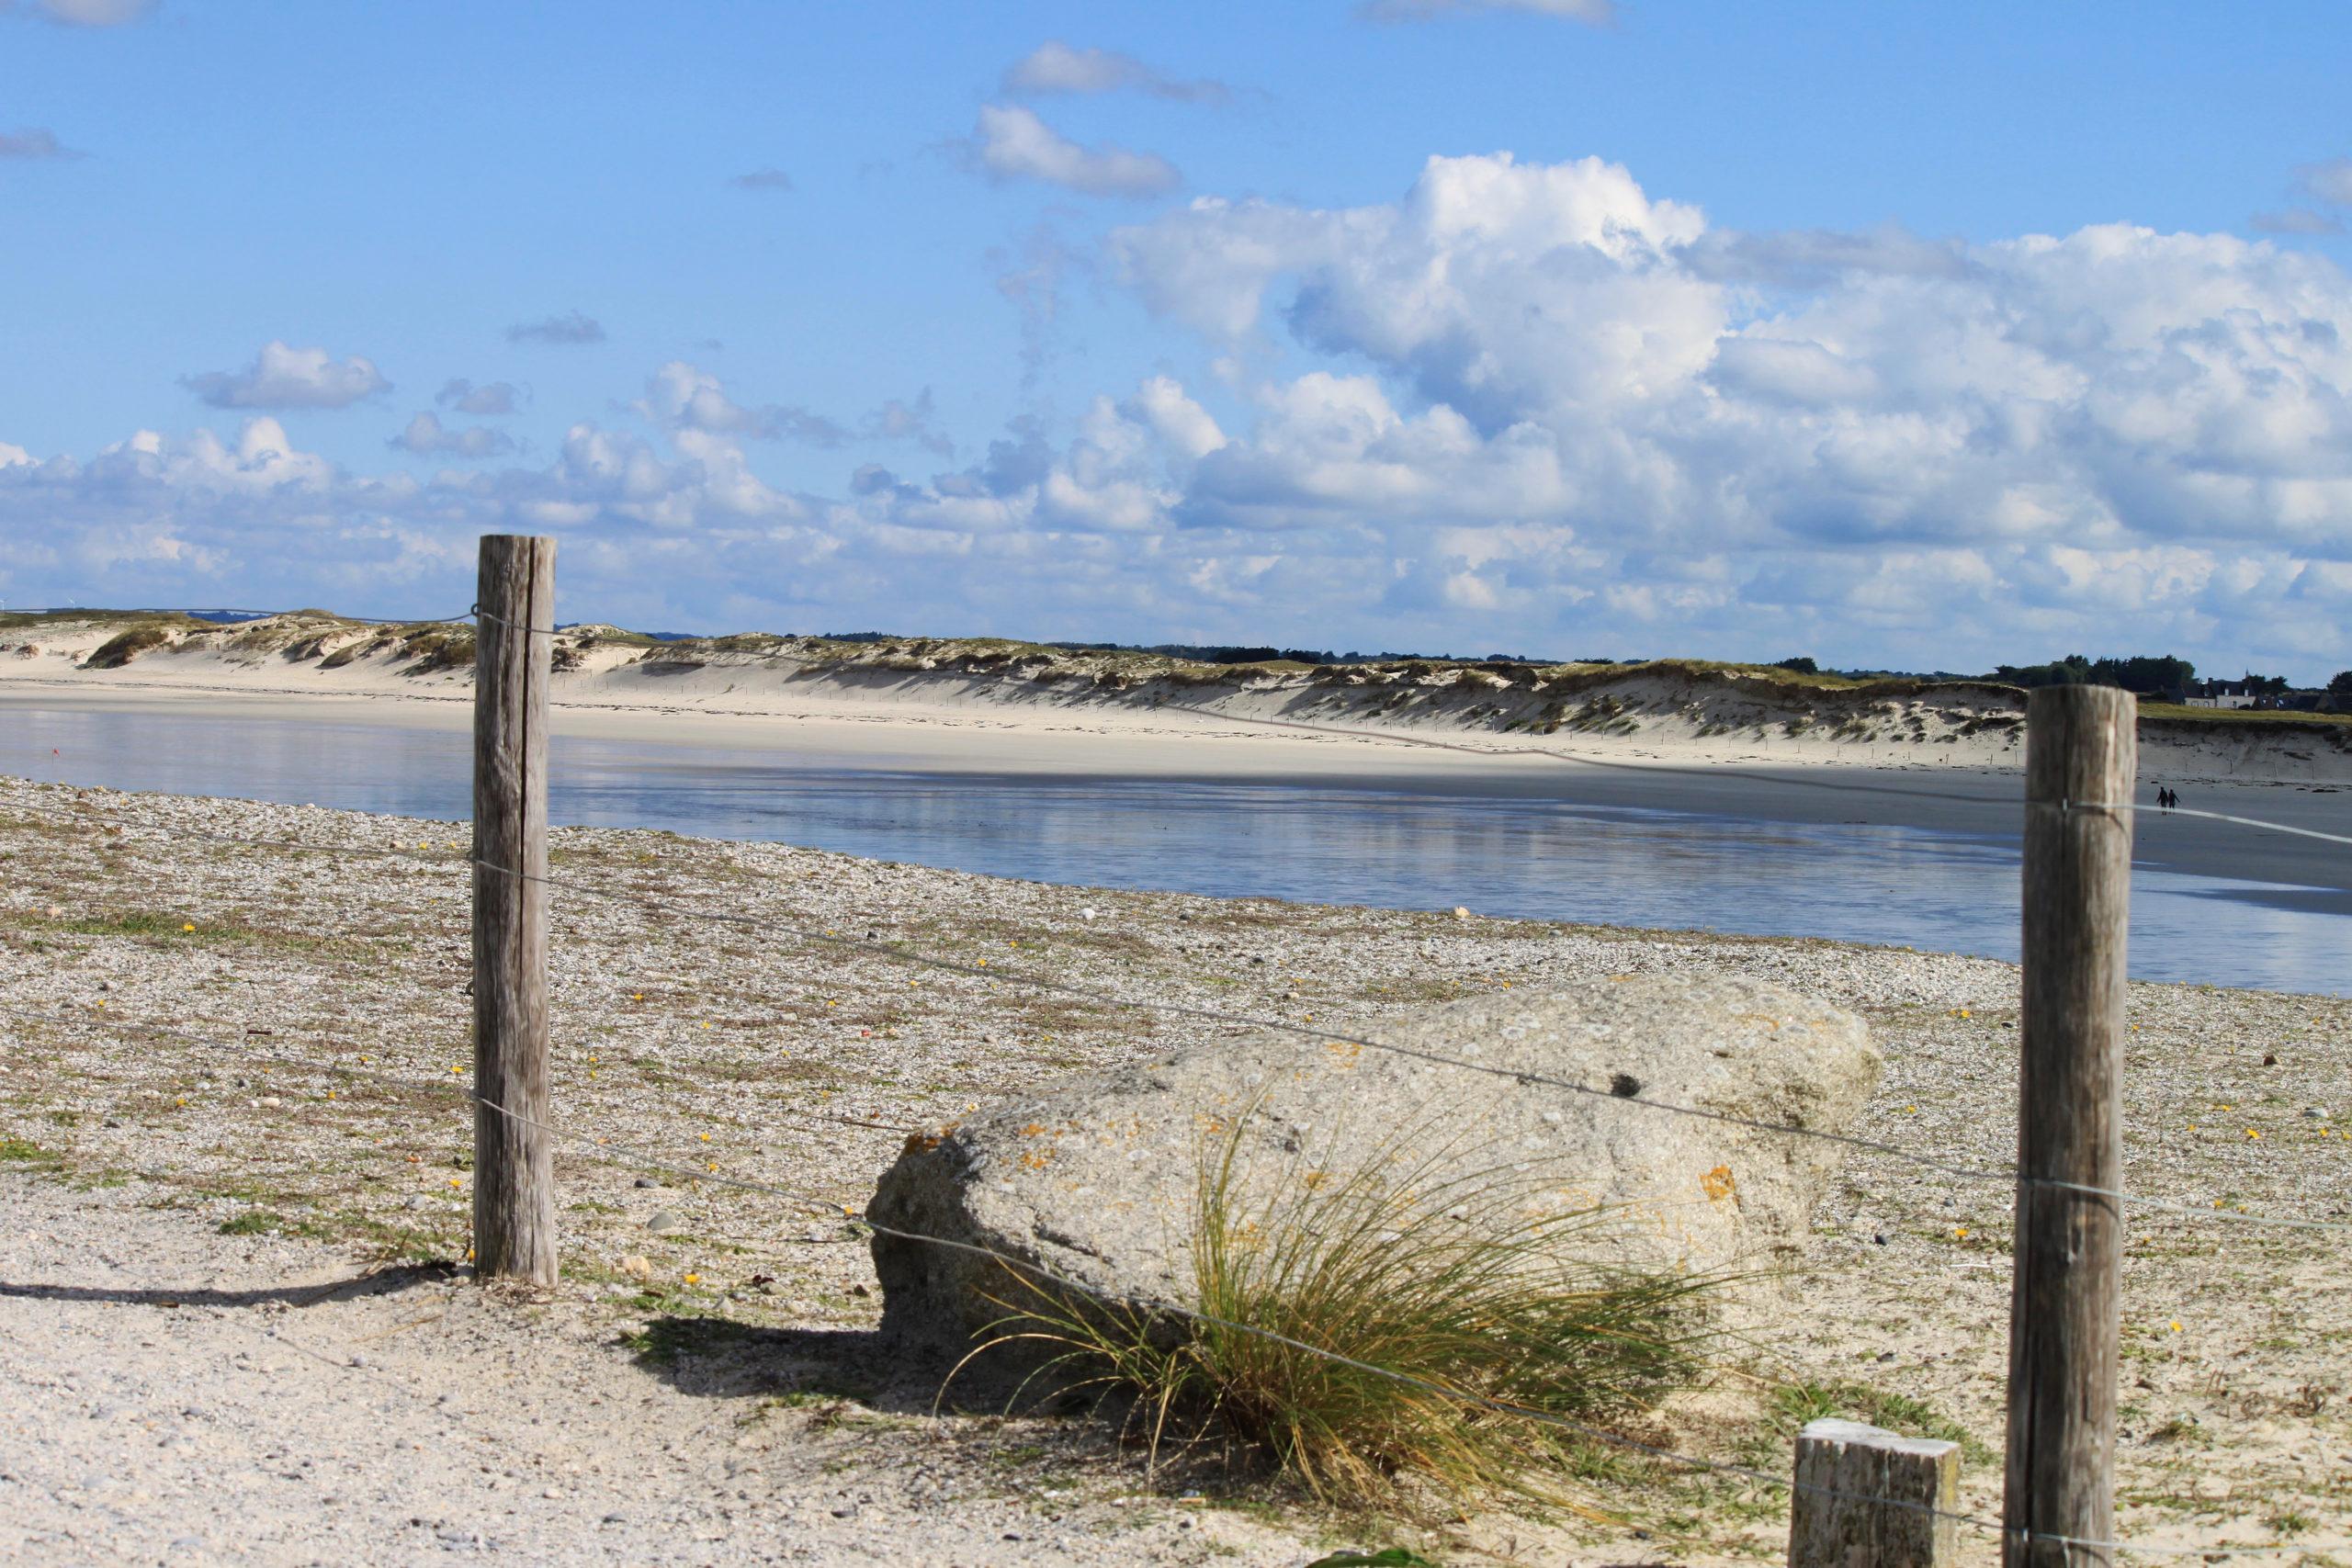 Barrière dans les dunes, avec mer et plage en arrière plan.